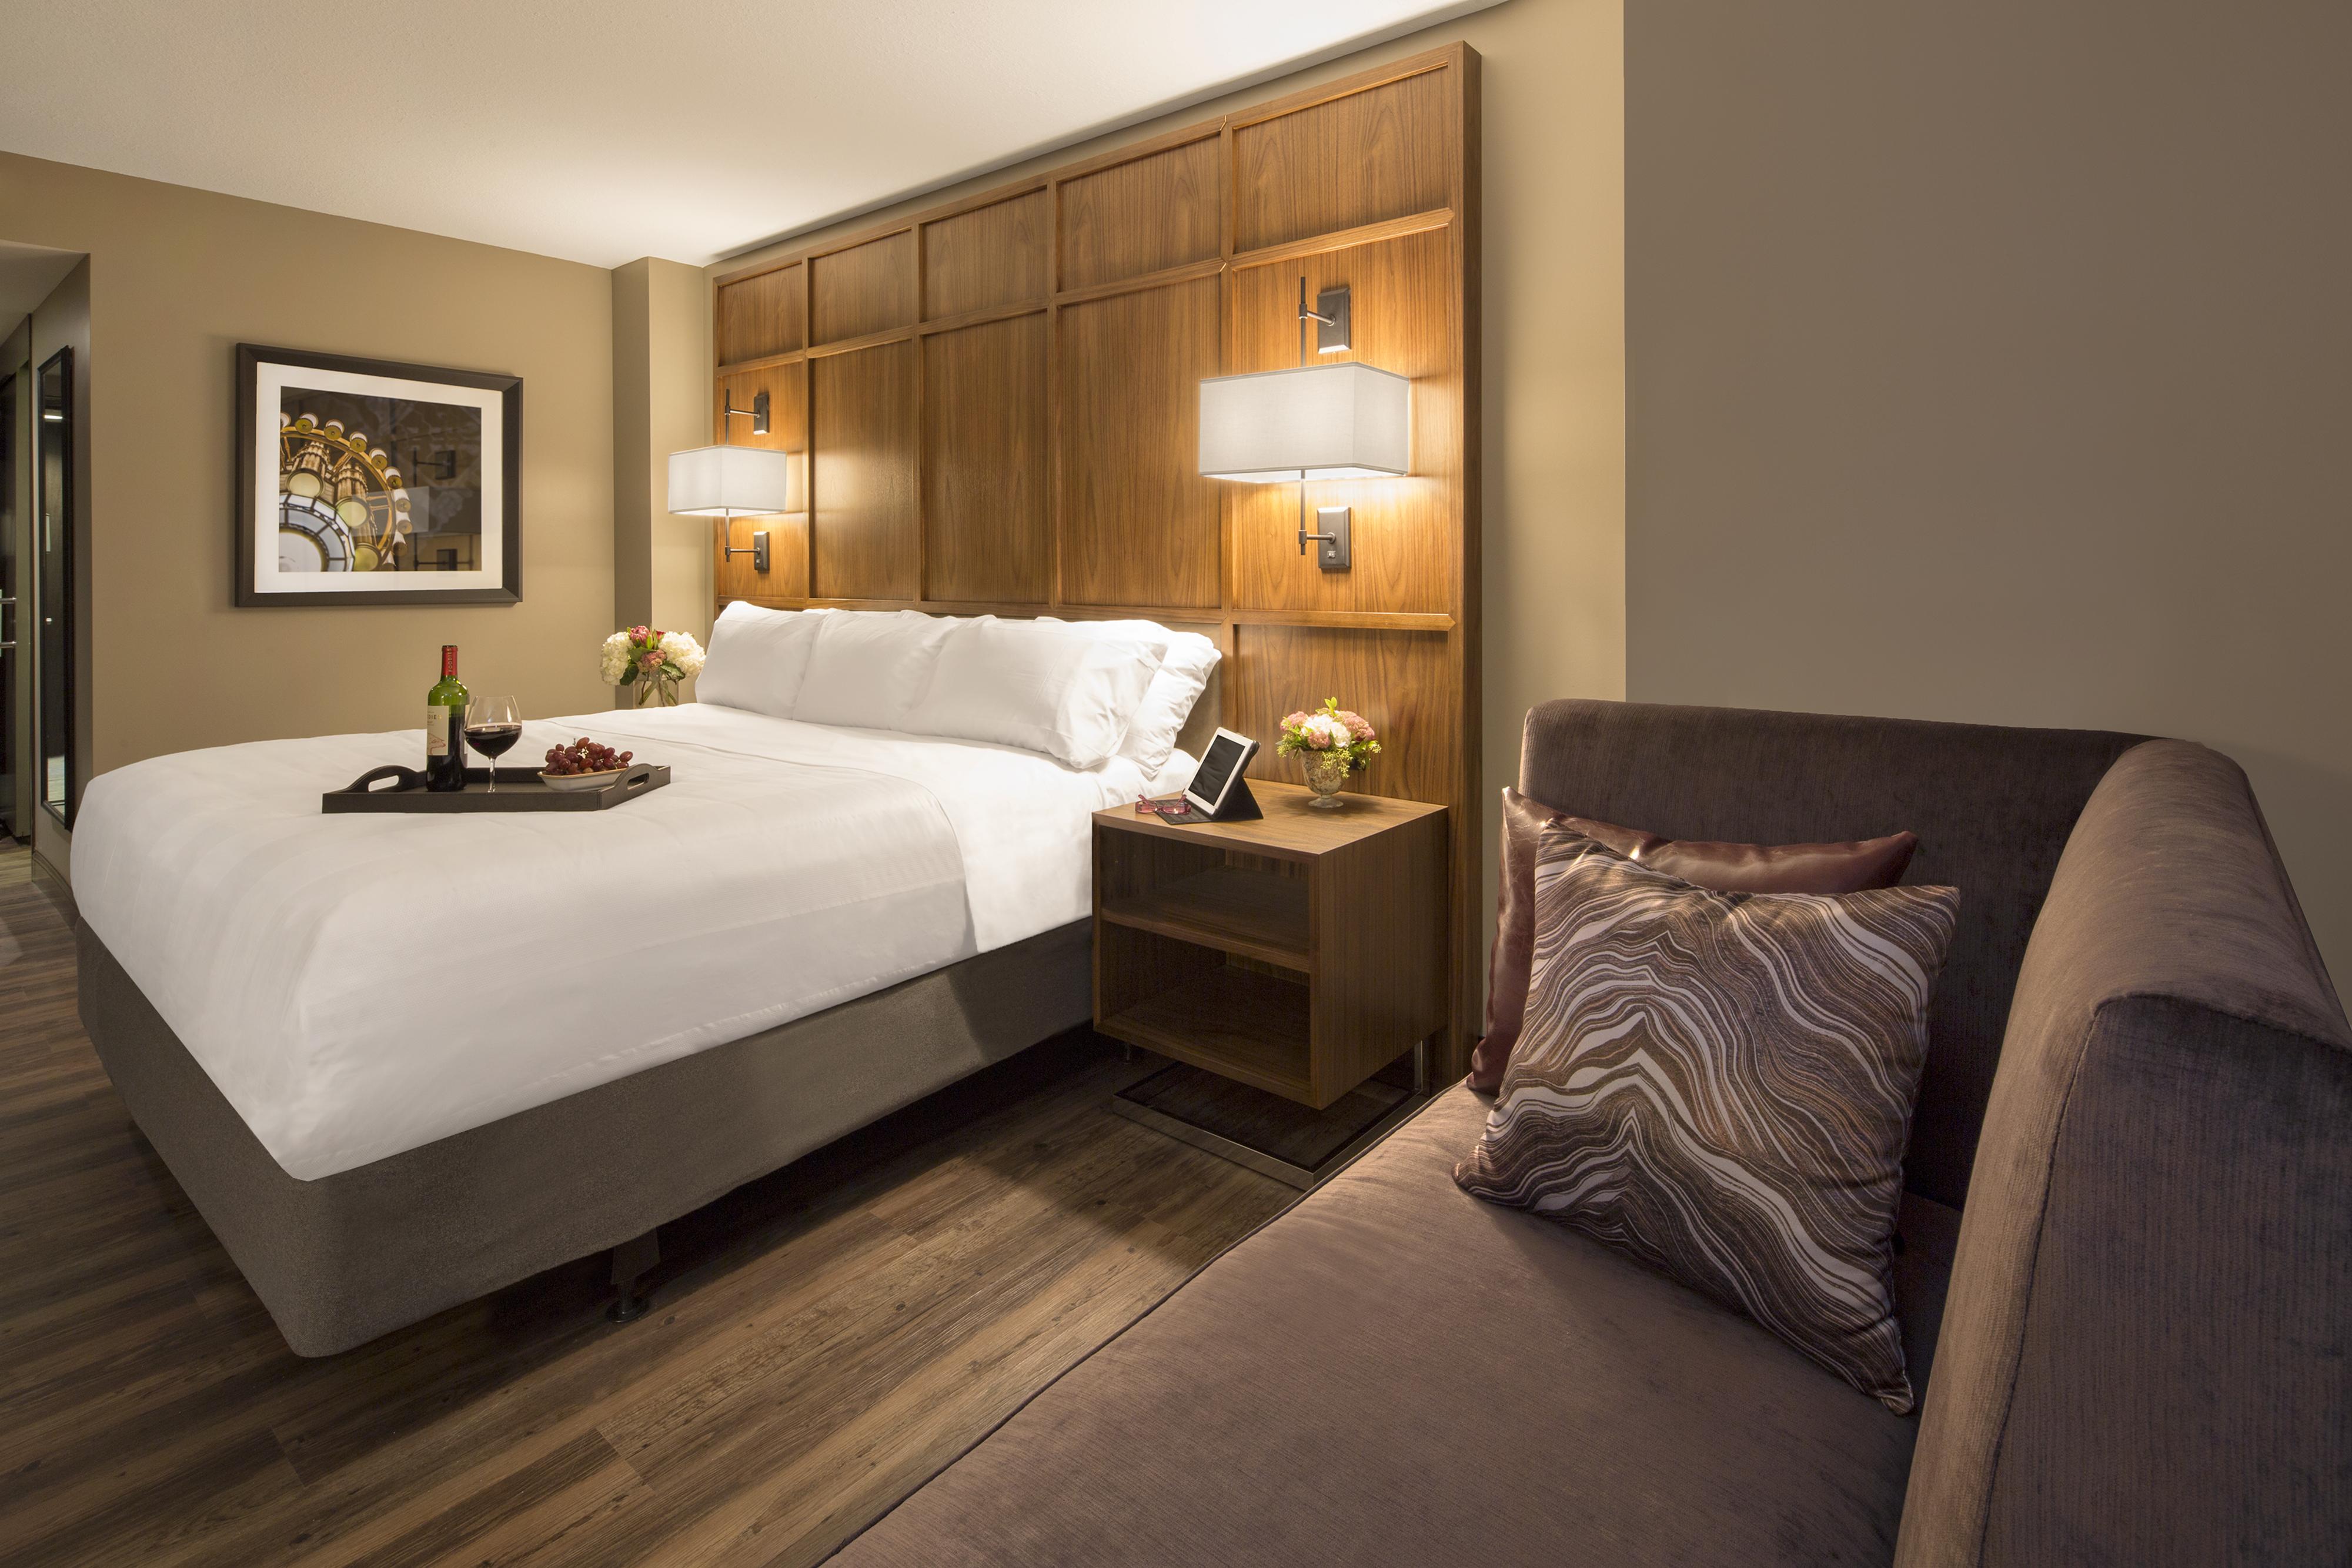 Omaha Hotel Room